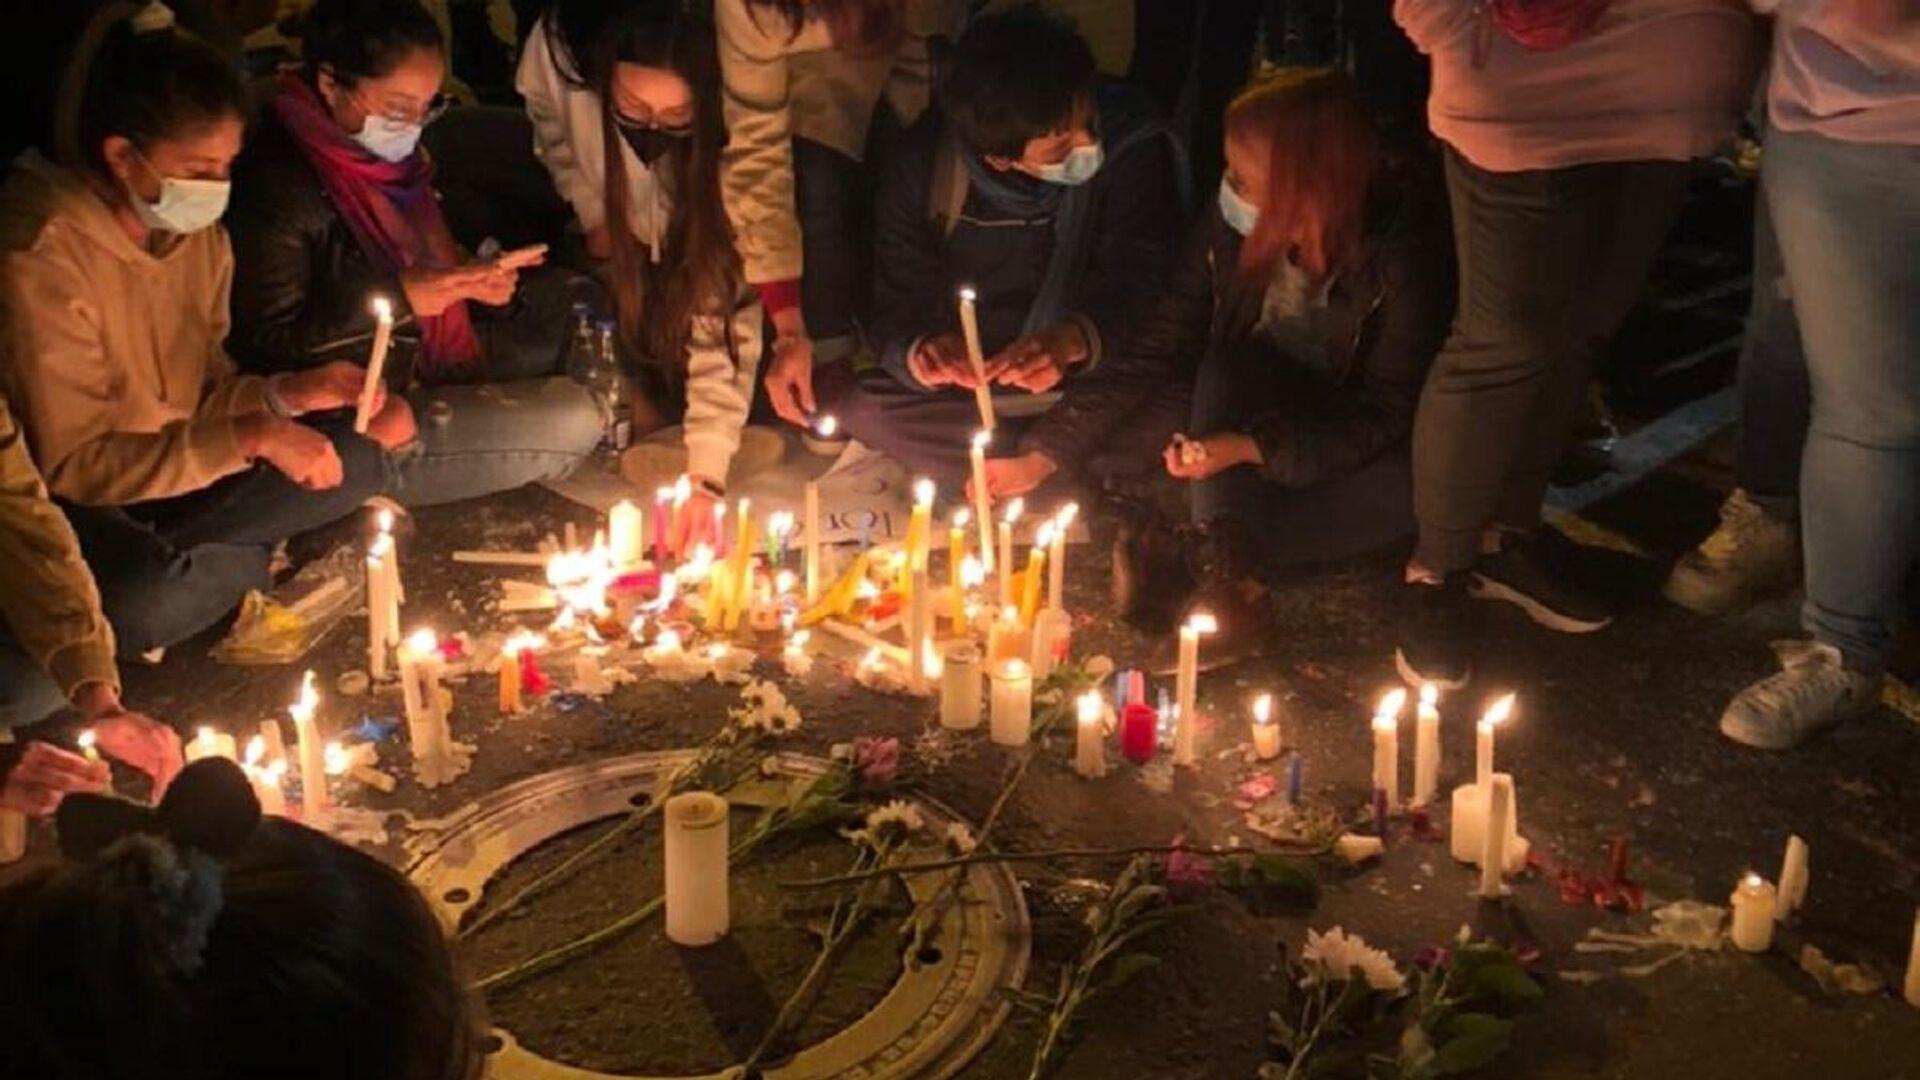 Conmemoración realizada en Cali a las víctimas de violencia policial en Colombia - Sputnik Mundo, 1920, 31.05.2021